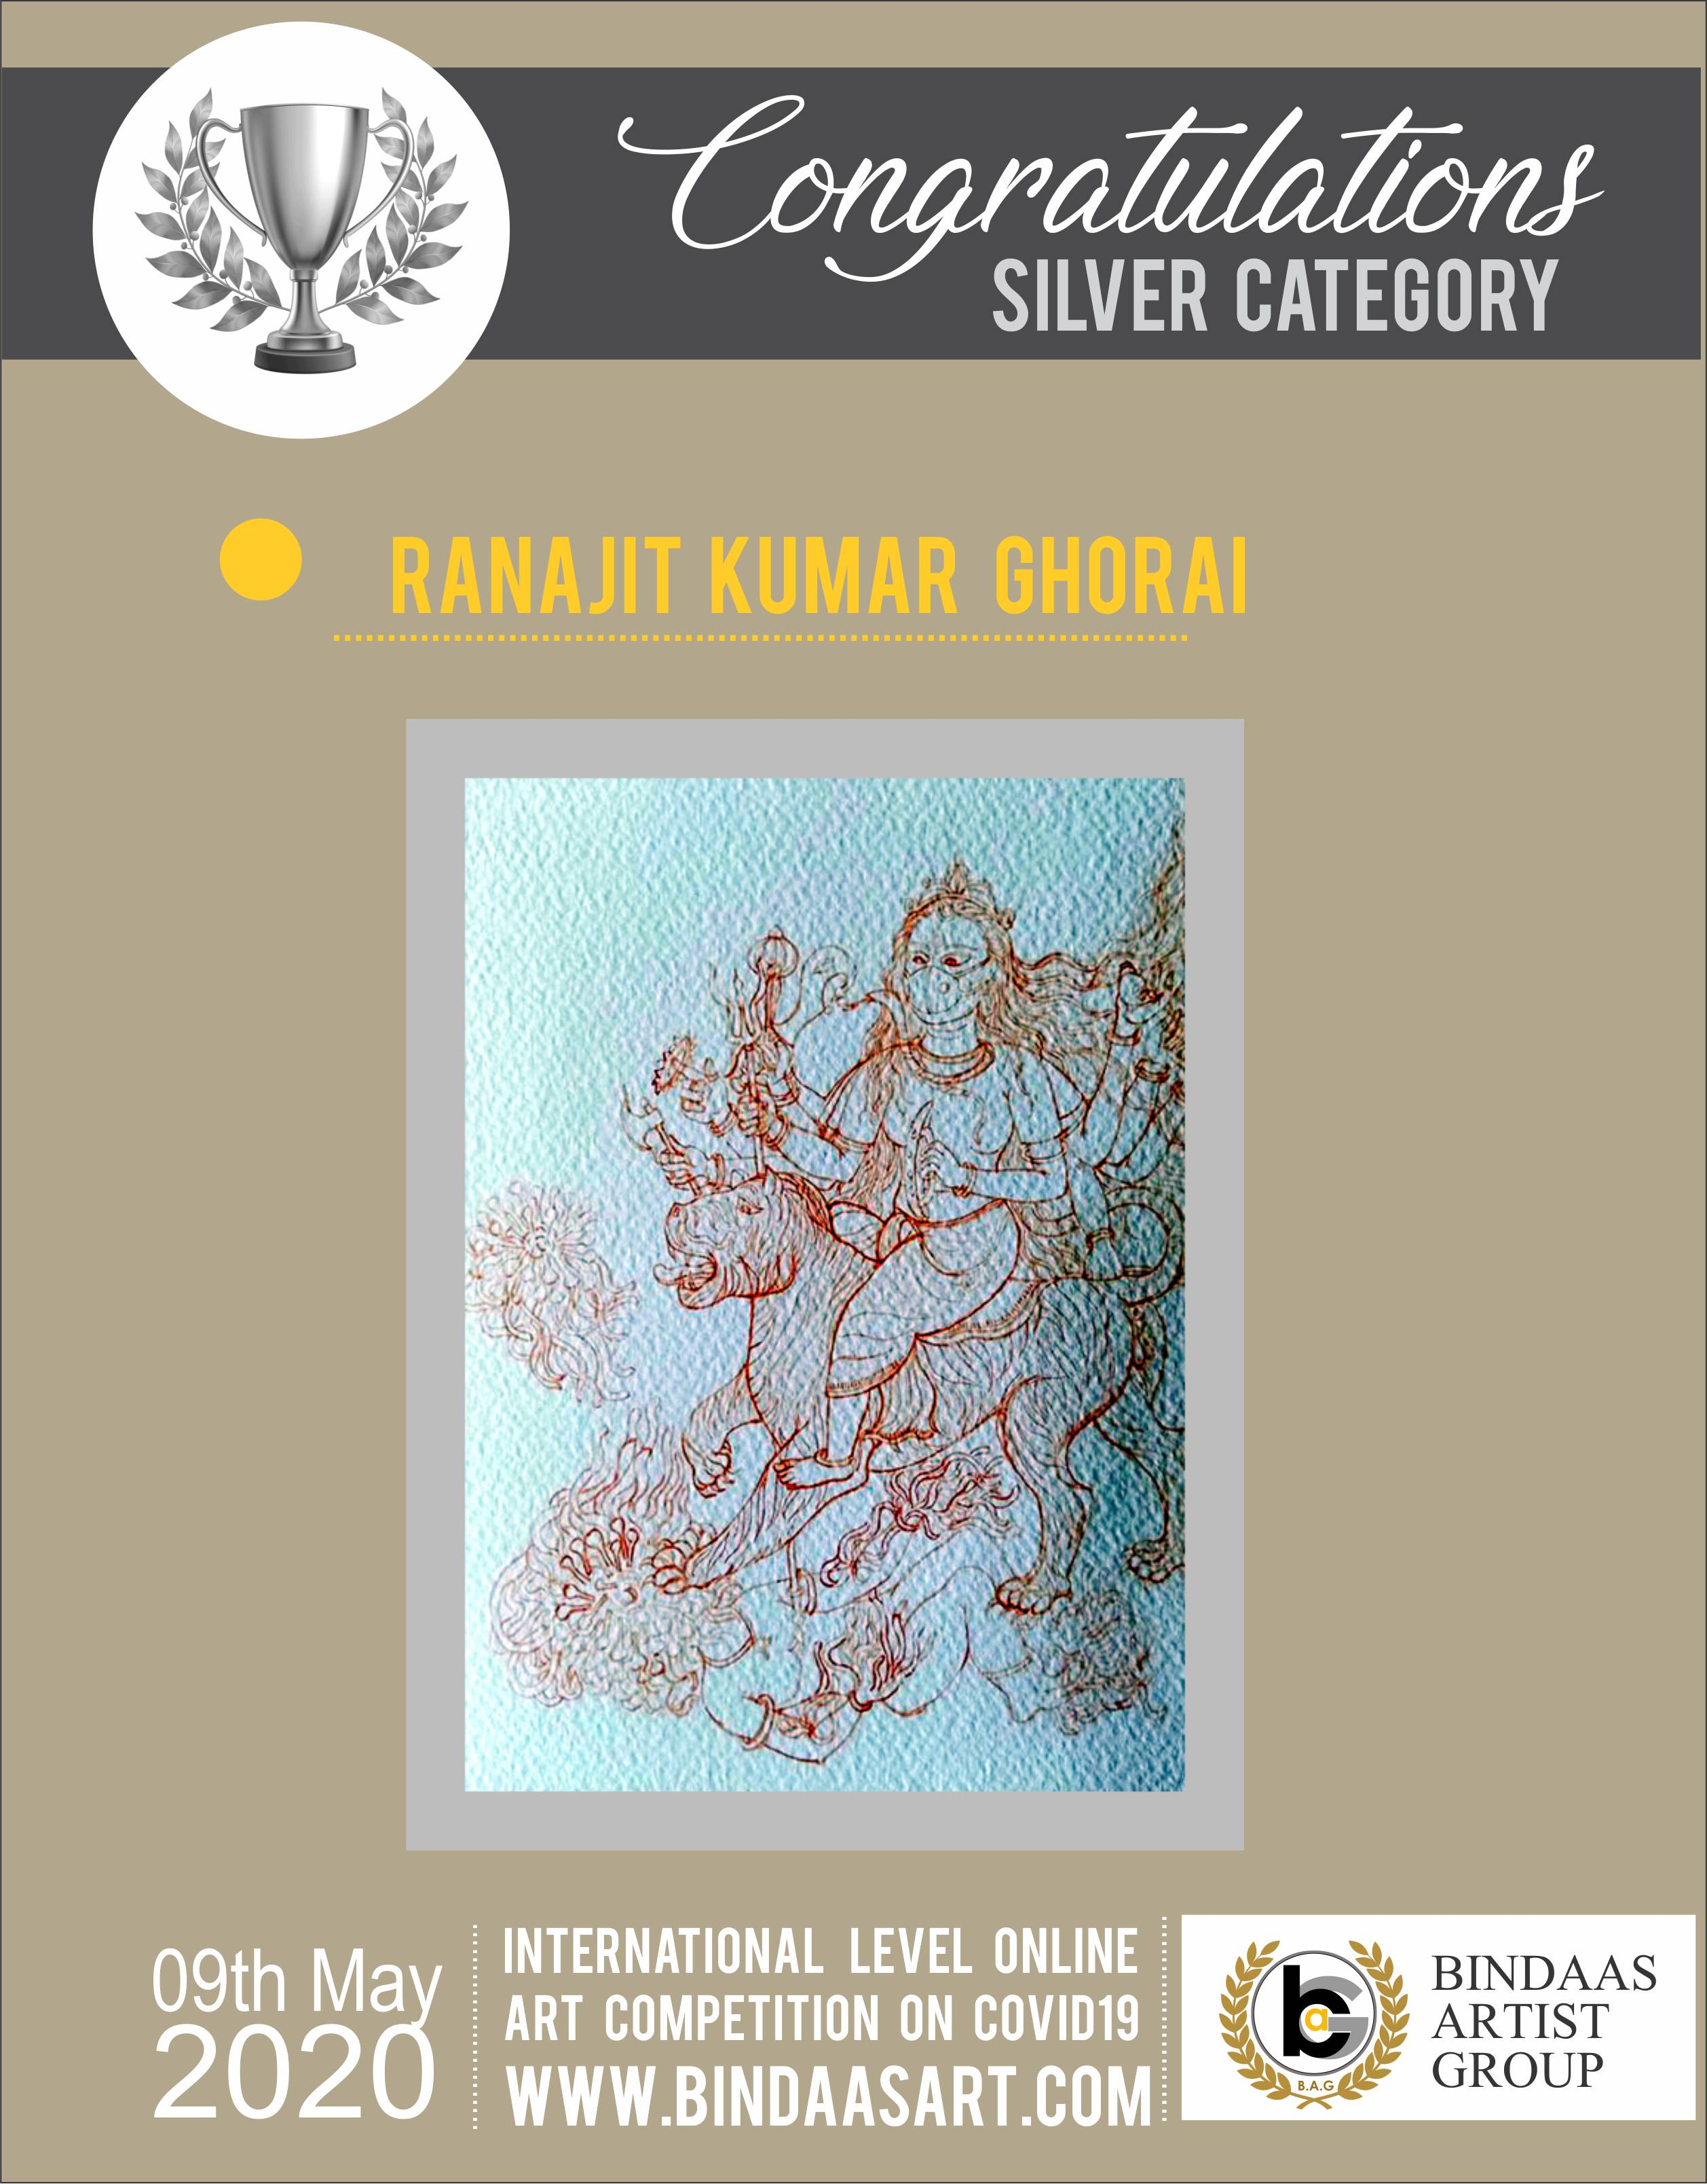 Ranajit Kumar Ghorai